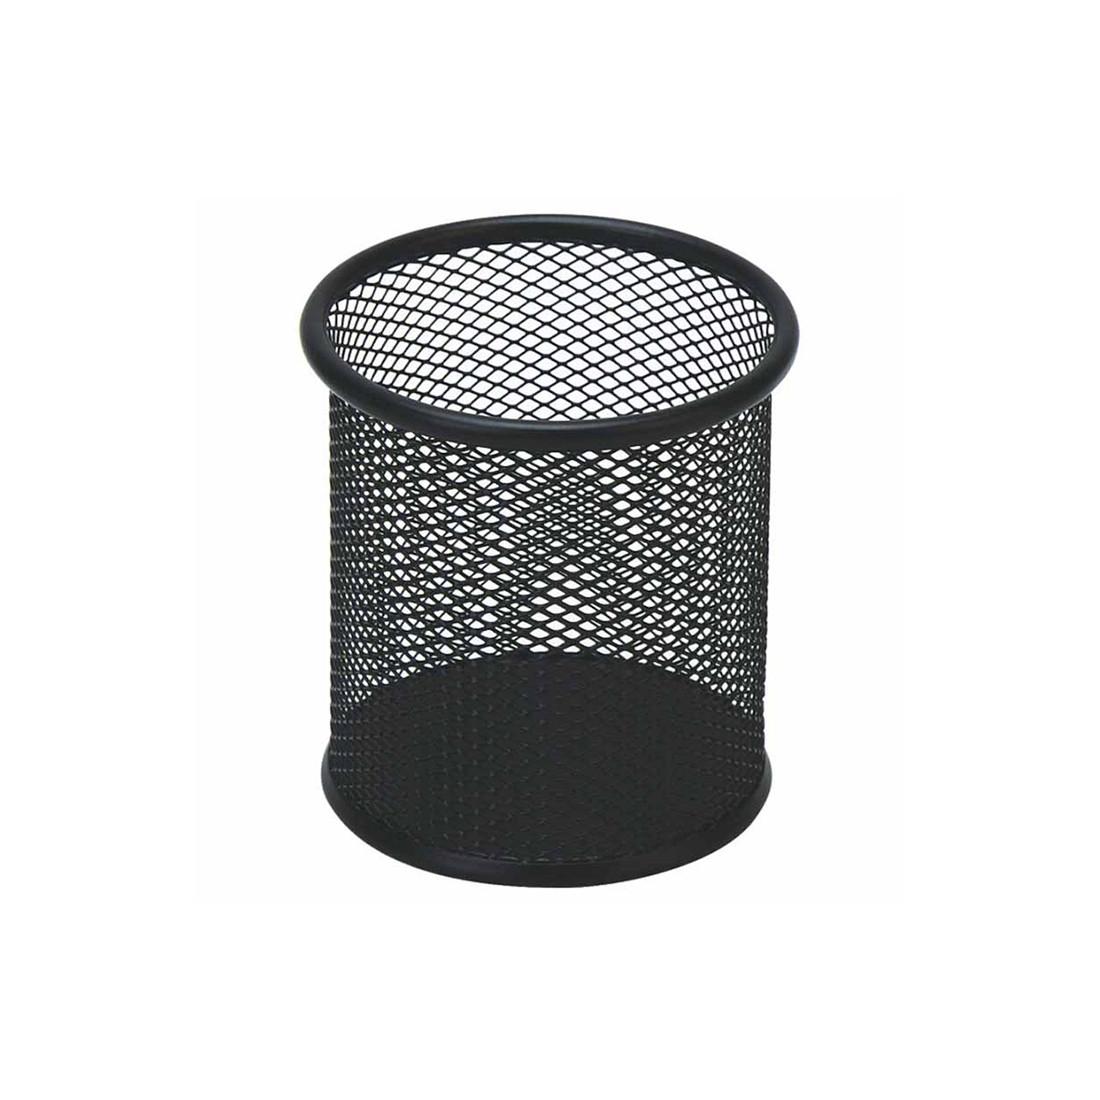 Органайзер металлический (стакан) Comix B2259 (91х99 мм, Чёрный)